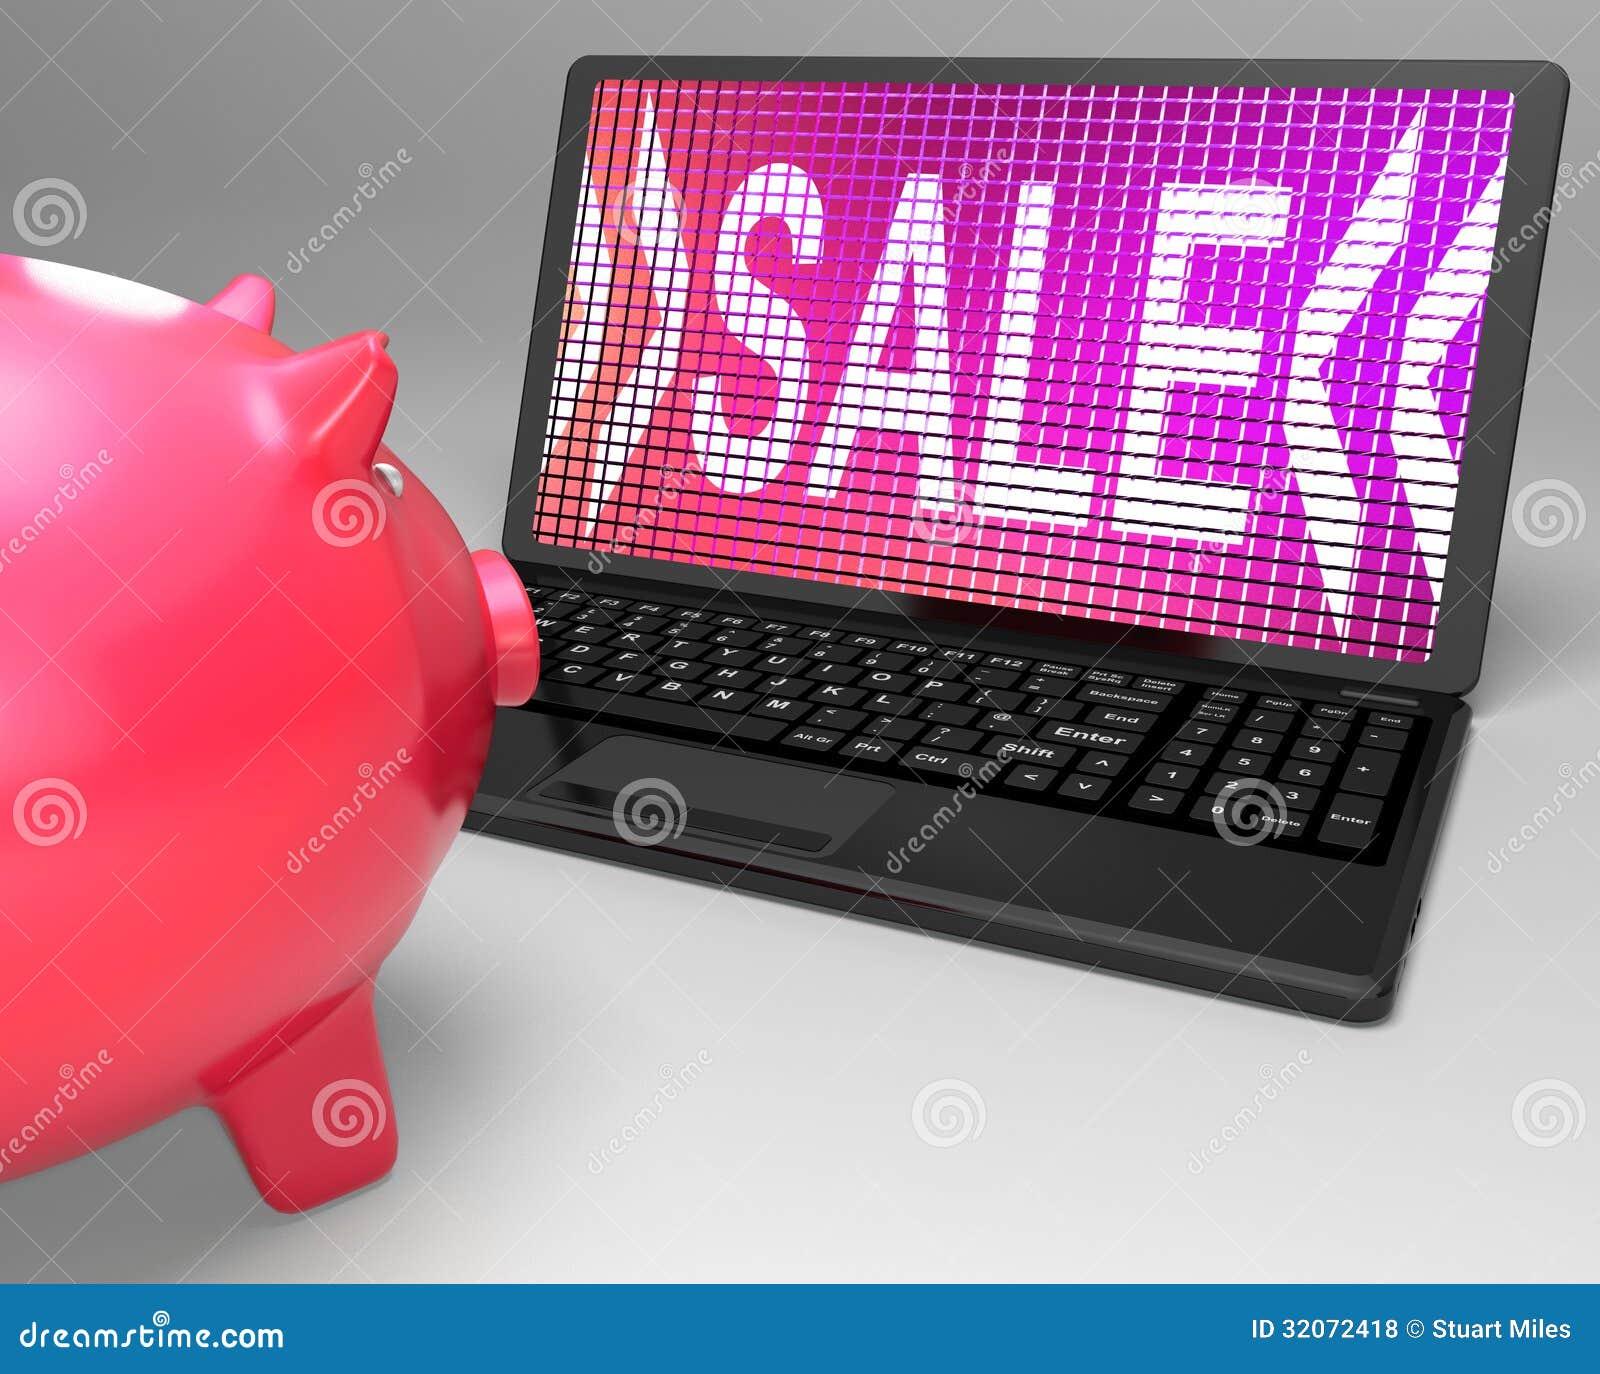 venta ordenador portatil: